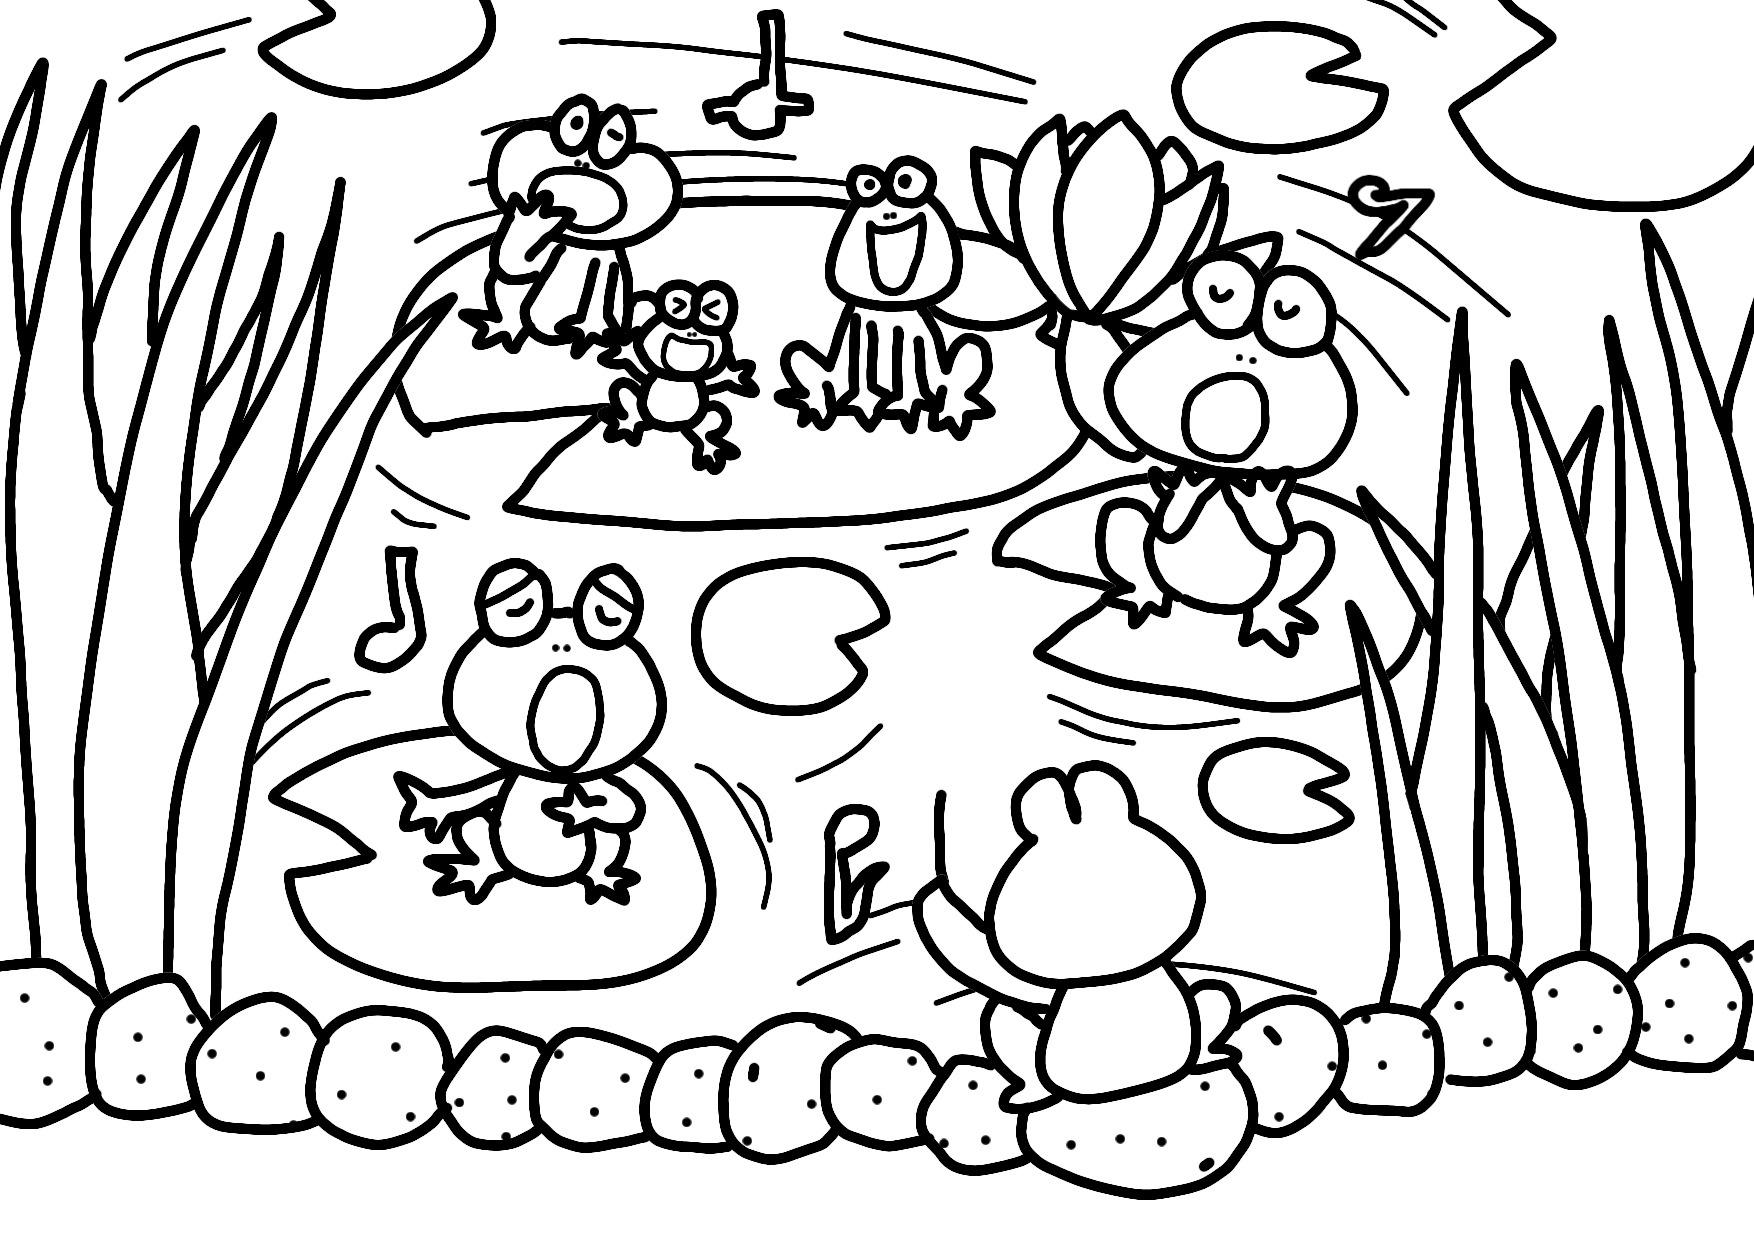 無料ぬりえ6月 かえるの合唱 かたつむりとあじさい かさ 長靴 かっぱ等 保育園の乳児クラス 幼児クラス向きイラスト配布 男性保育士あつみ先生の保育日誌 おすすめ絵本と制作アイデア